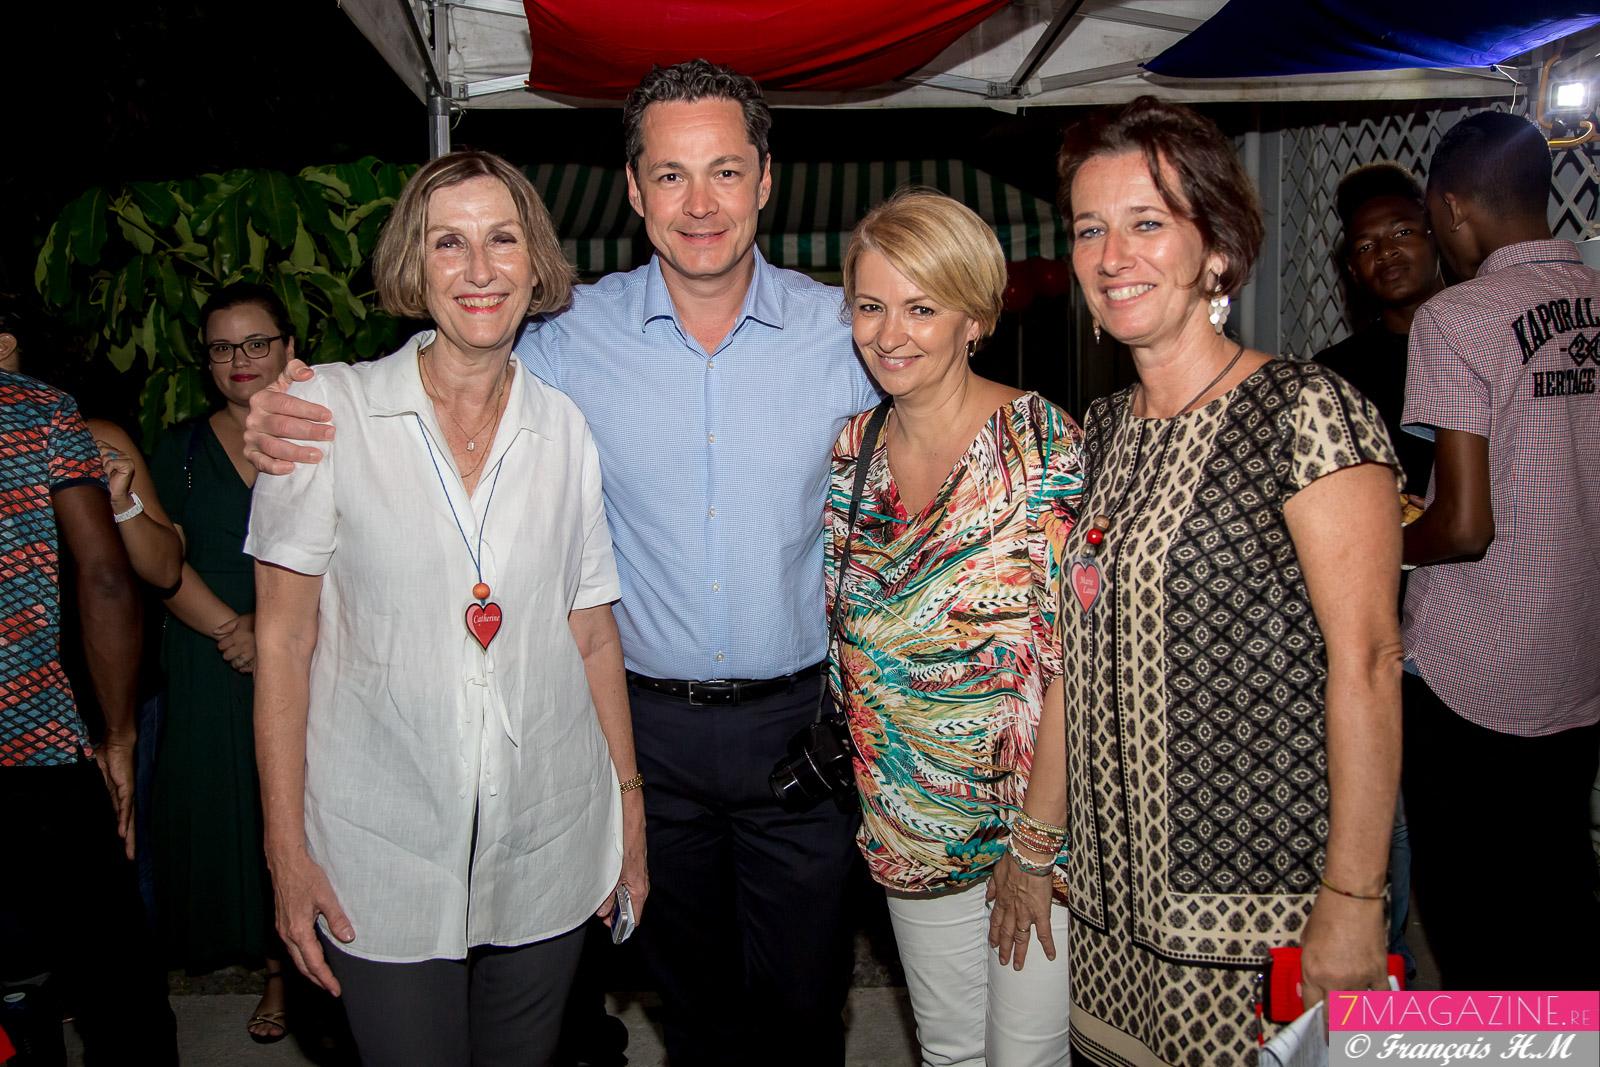 Catherine Gaud, Geirges-Guillaume et Corinne Louapre du Mémento, et Marie-Laure Veyrat